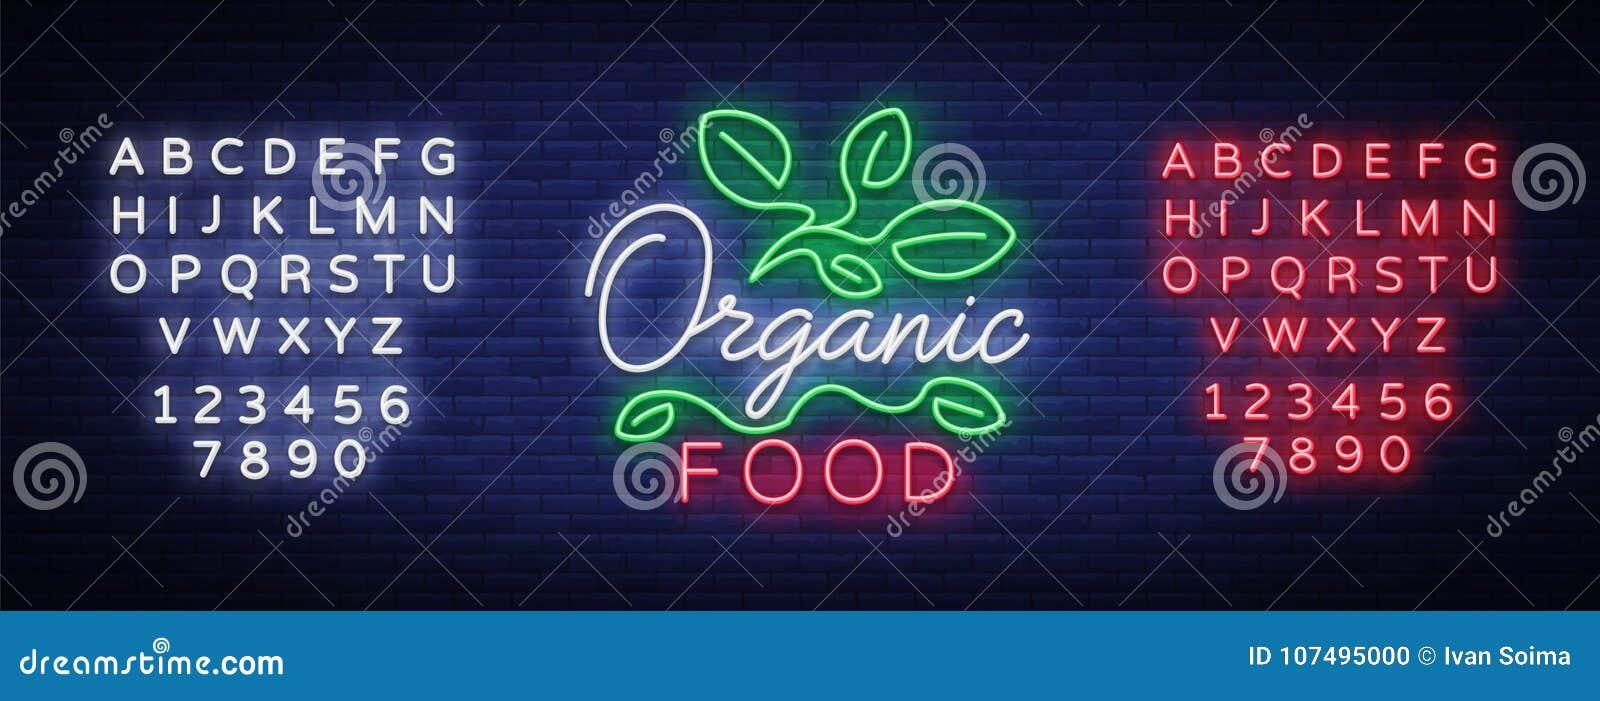 Λογότυπο Vegan στο ύφος νέου Σύμβολο νέου, φωτεινό φωτεινό σημάδι, νύχτα νέου που διαφημίζει, χορτοφάγα τρόφιμα, οργανικά τρόφιμα